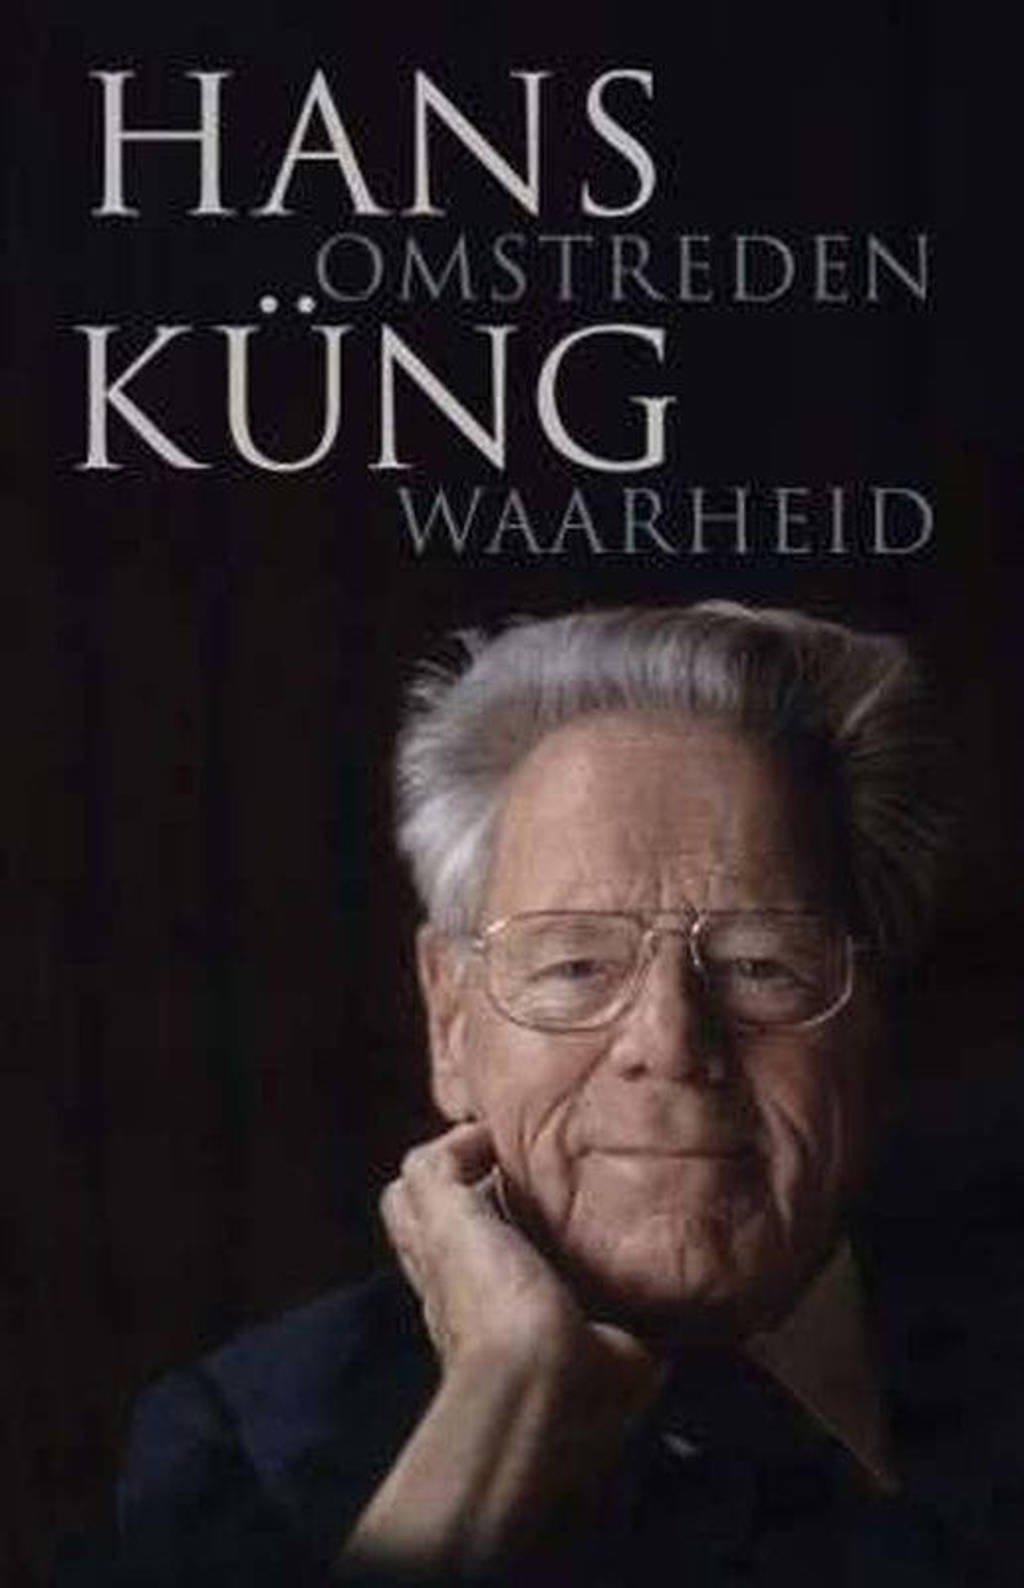 Omstreden waarheid - H. Küng